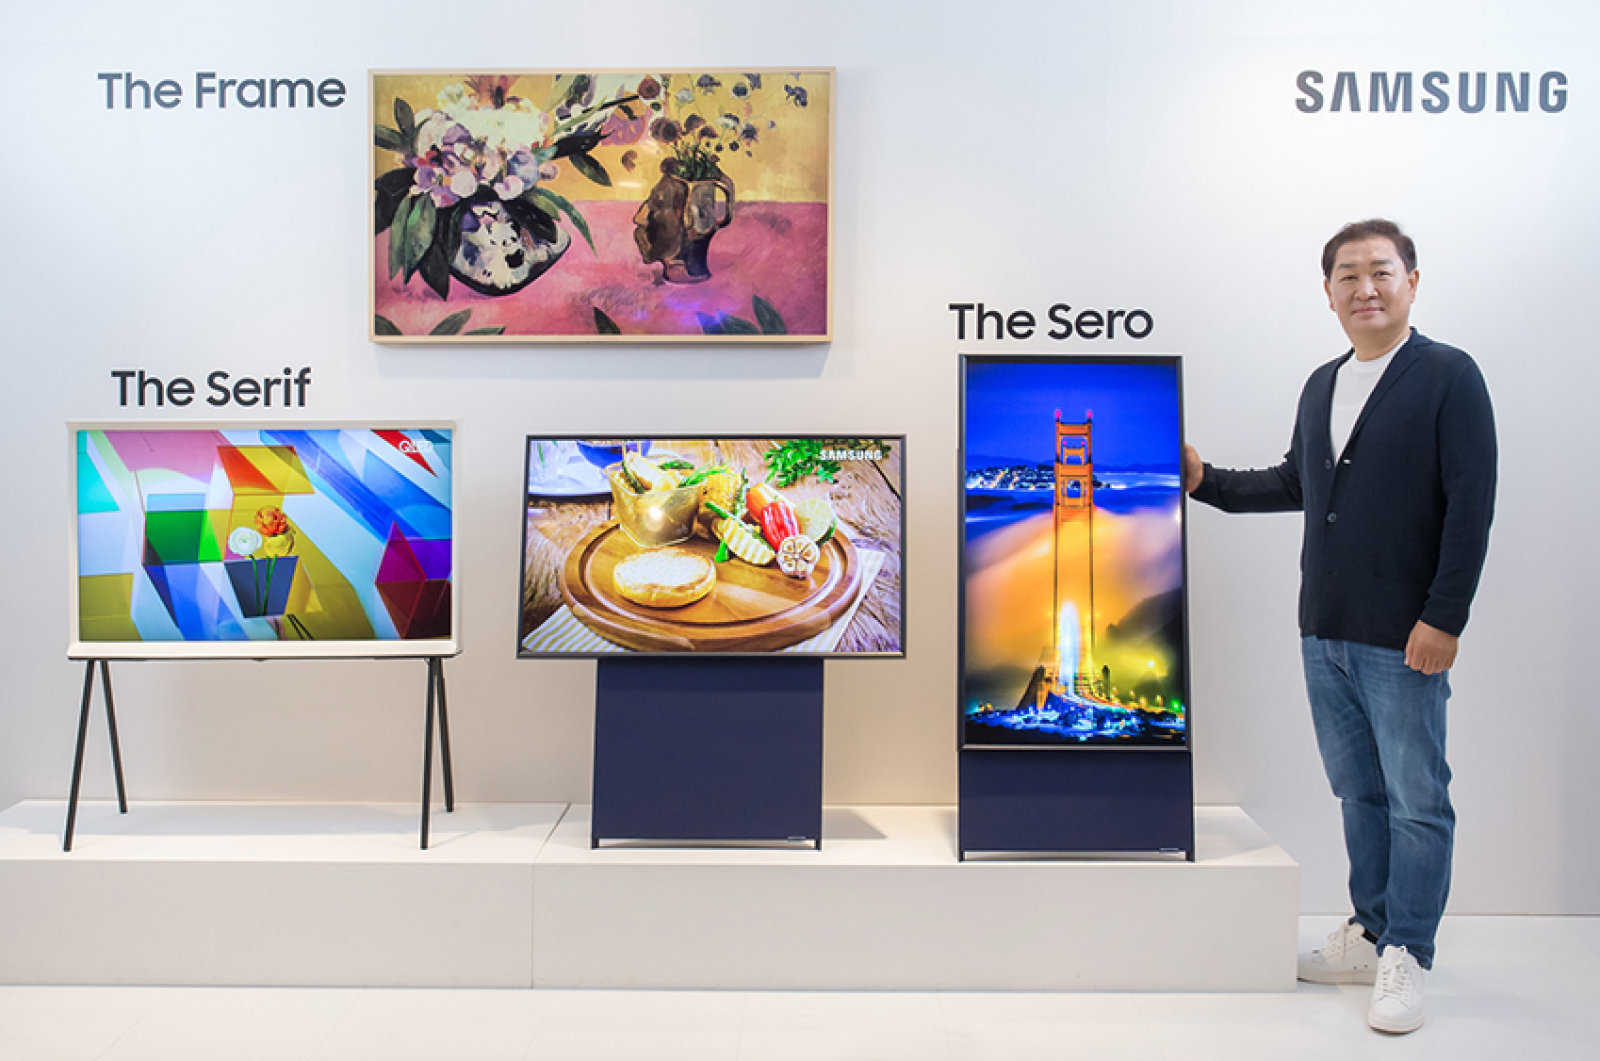 Samsung a dévoilé le nouveau téléviseur The Sero avec rotation verticale à 90 degrés